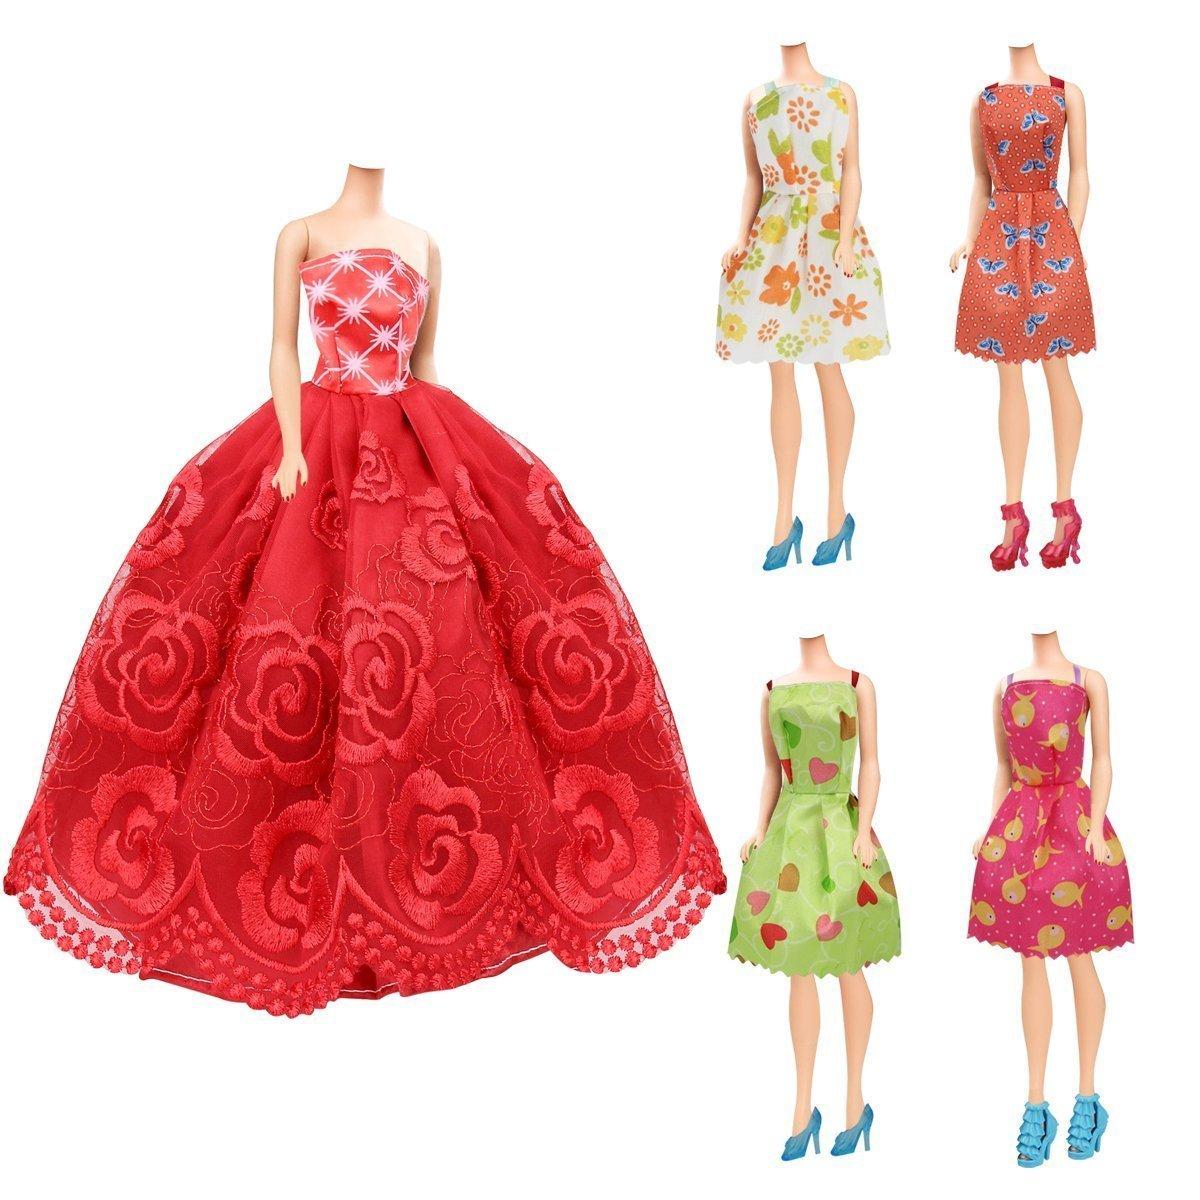 16pcs Verano Faldas Vestidos 116 pcs Accesorios Mu/ñecas Barbie,Accesorios de Vestir para Las Mu/ñecas 98 Accesorio de Barbie+ 2pcs Pegatina Multicolor